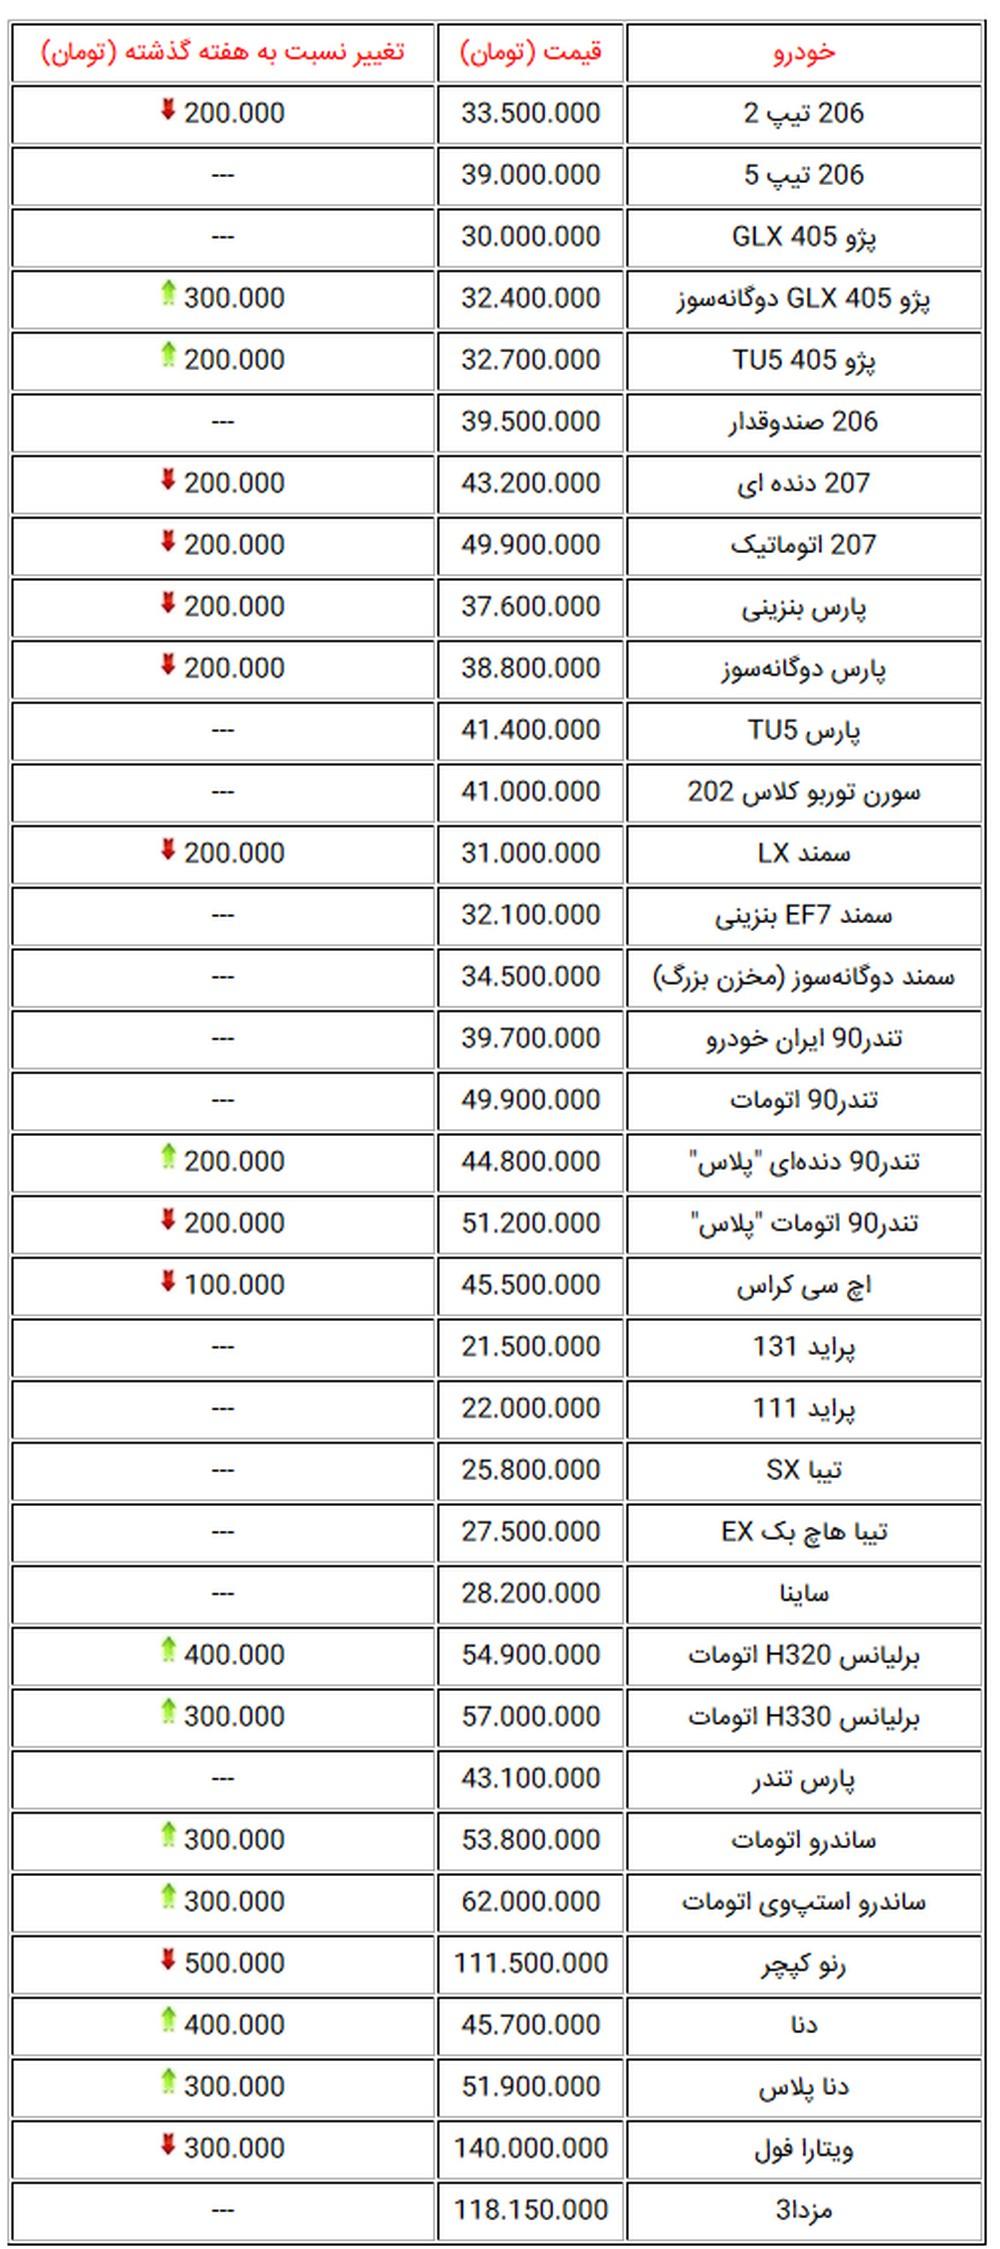 جدول قیمت خودروهای پرمتقاضی در بازار تهران